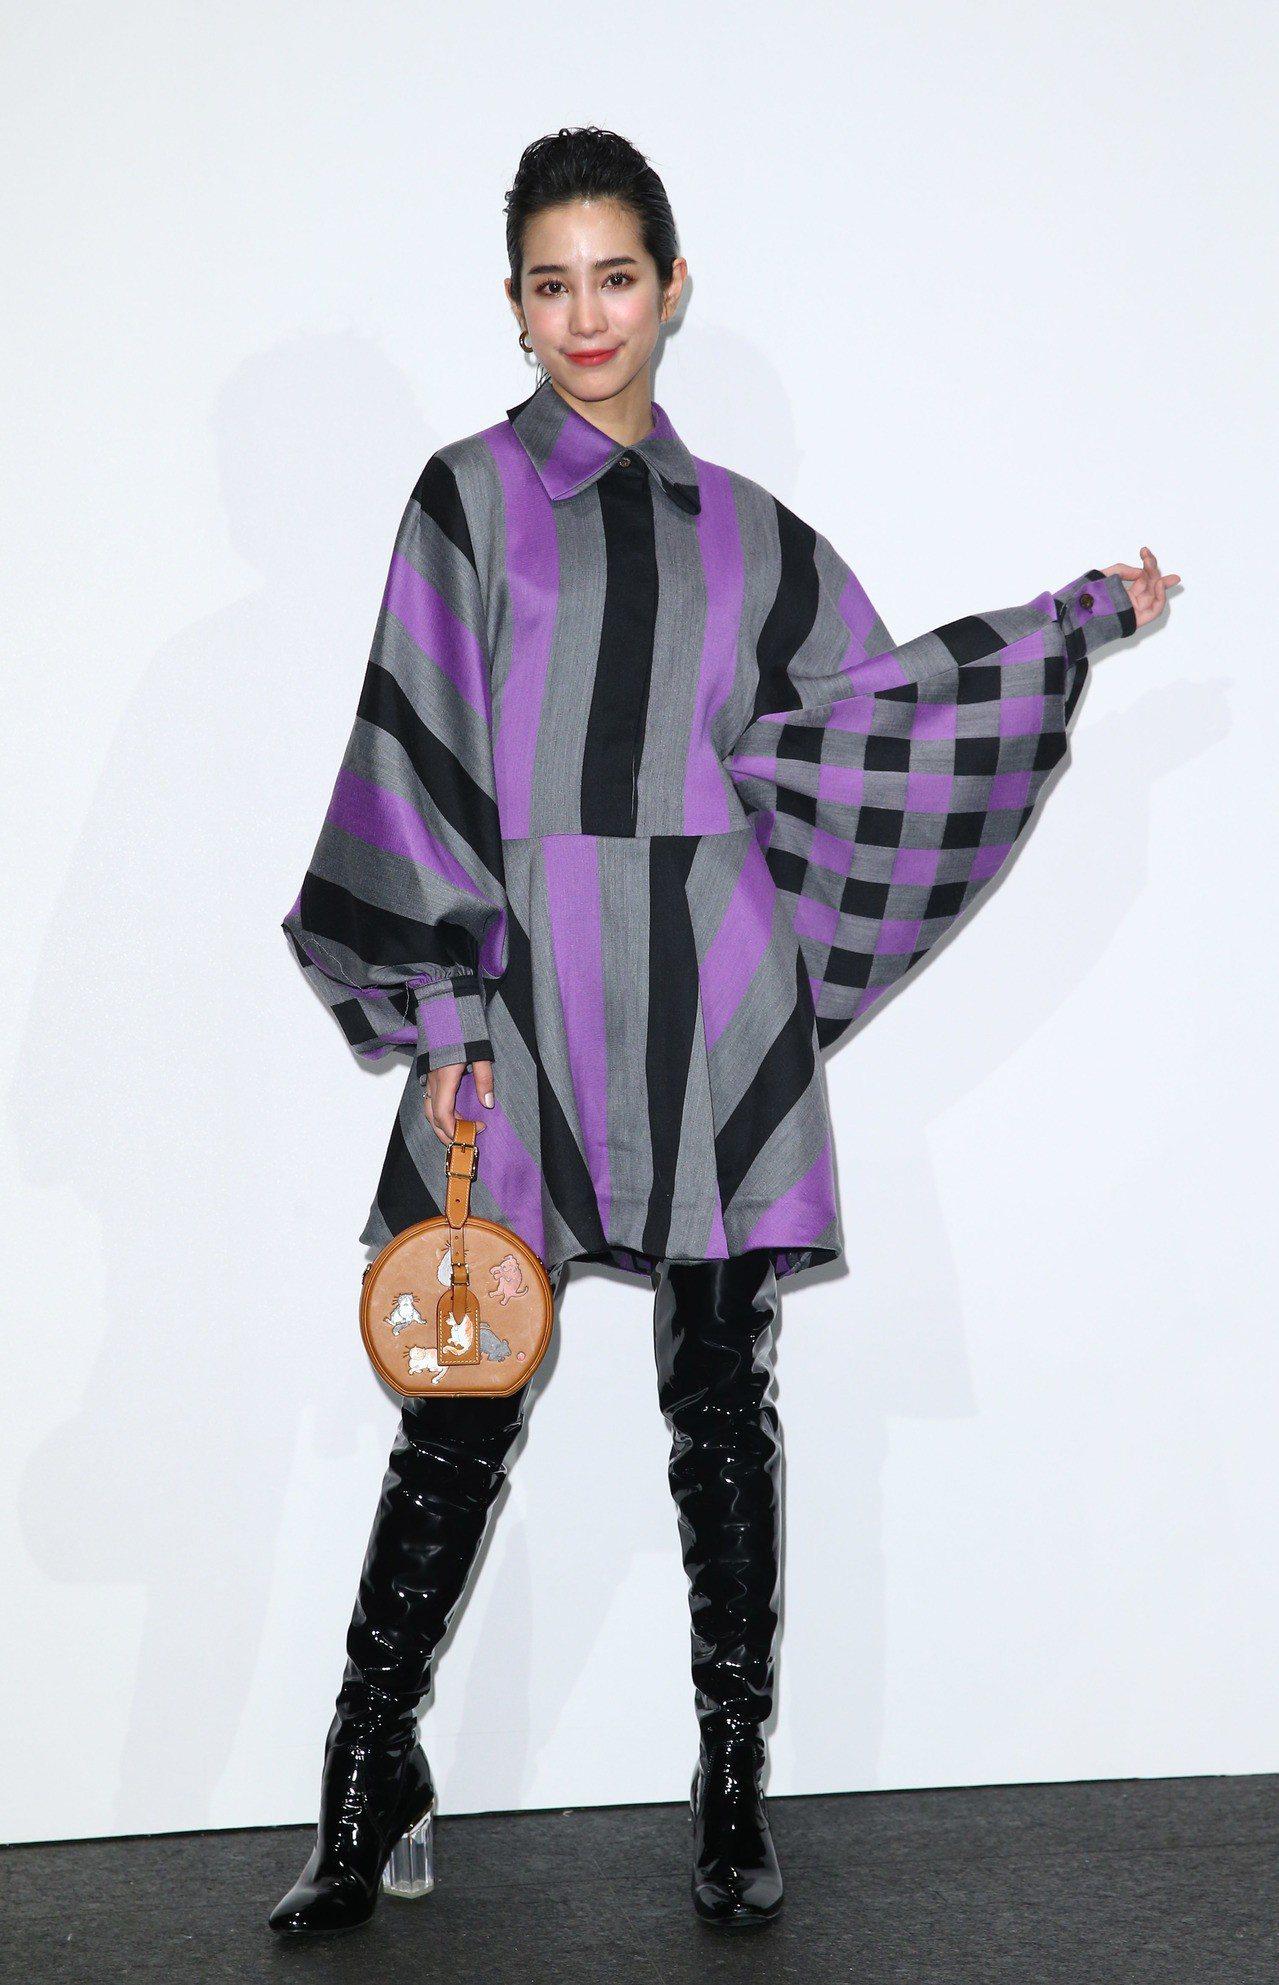 溫貞菱身穿條紋洋裝10萬7,000元,選用Grace Coddington聯名系...